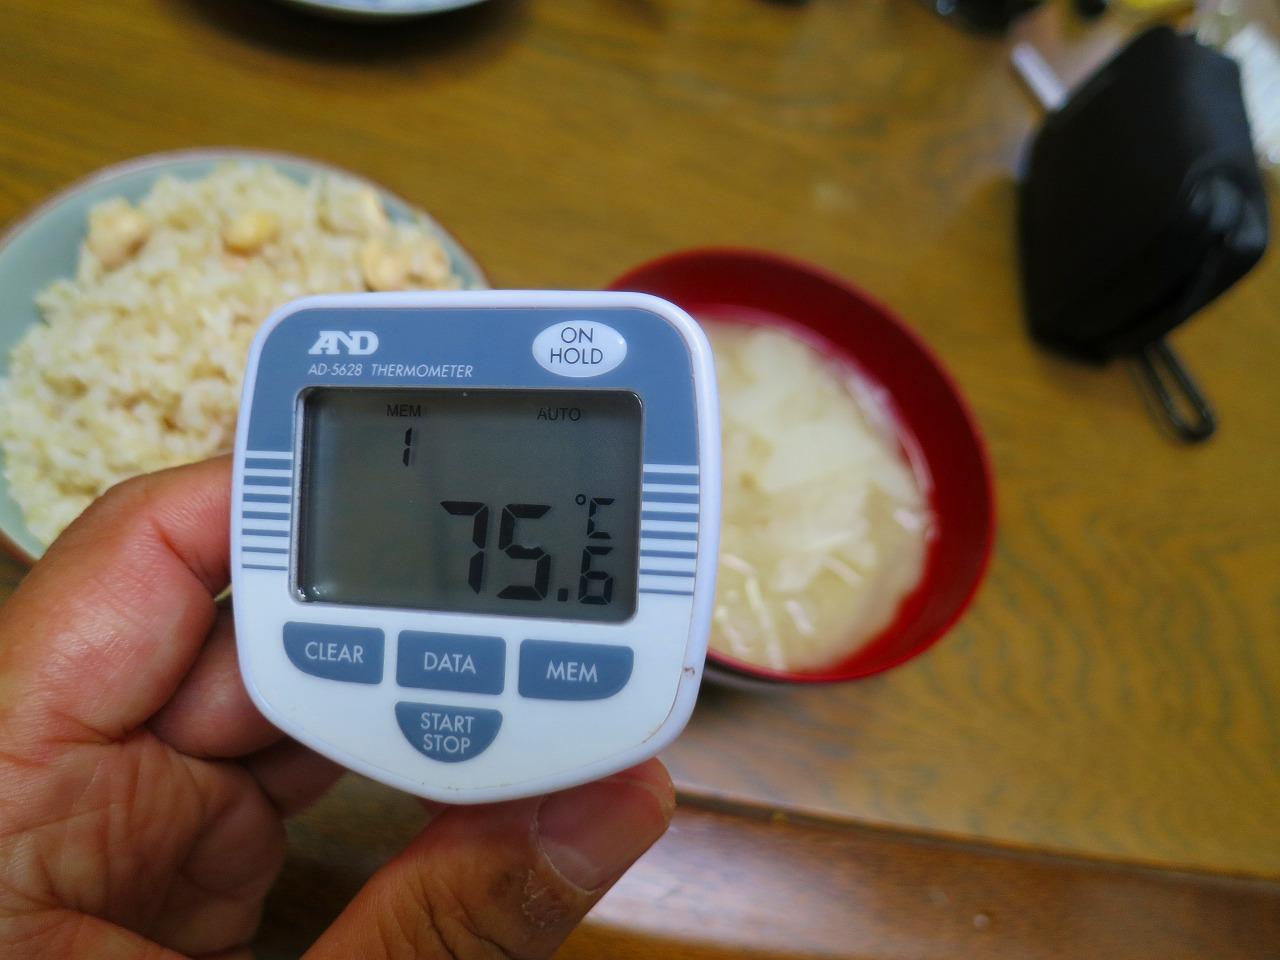 味噌汁の中心温度